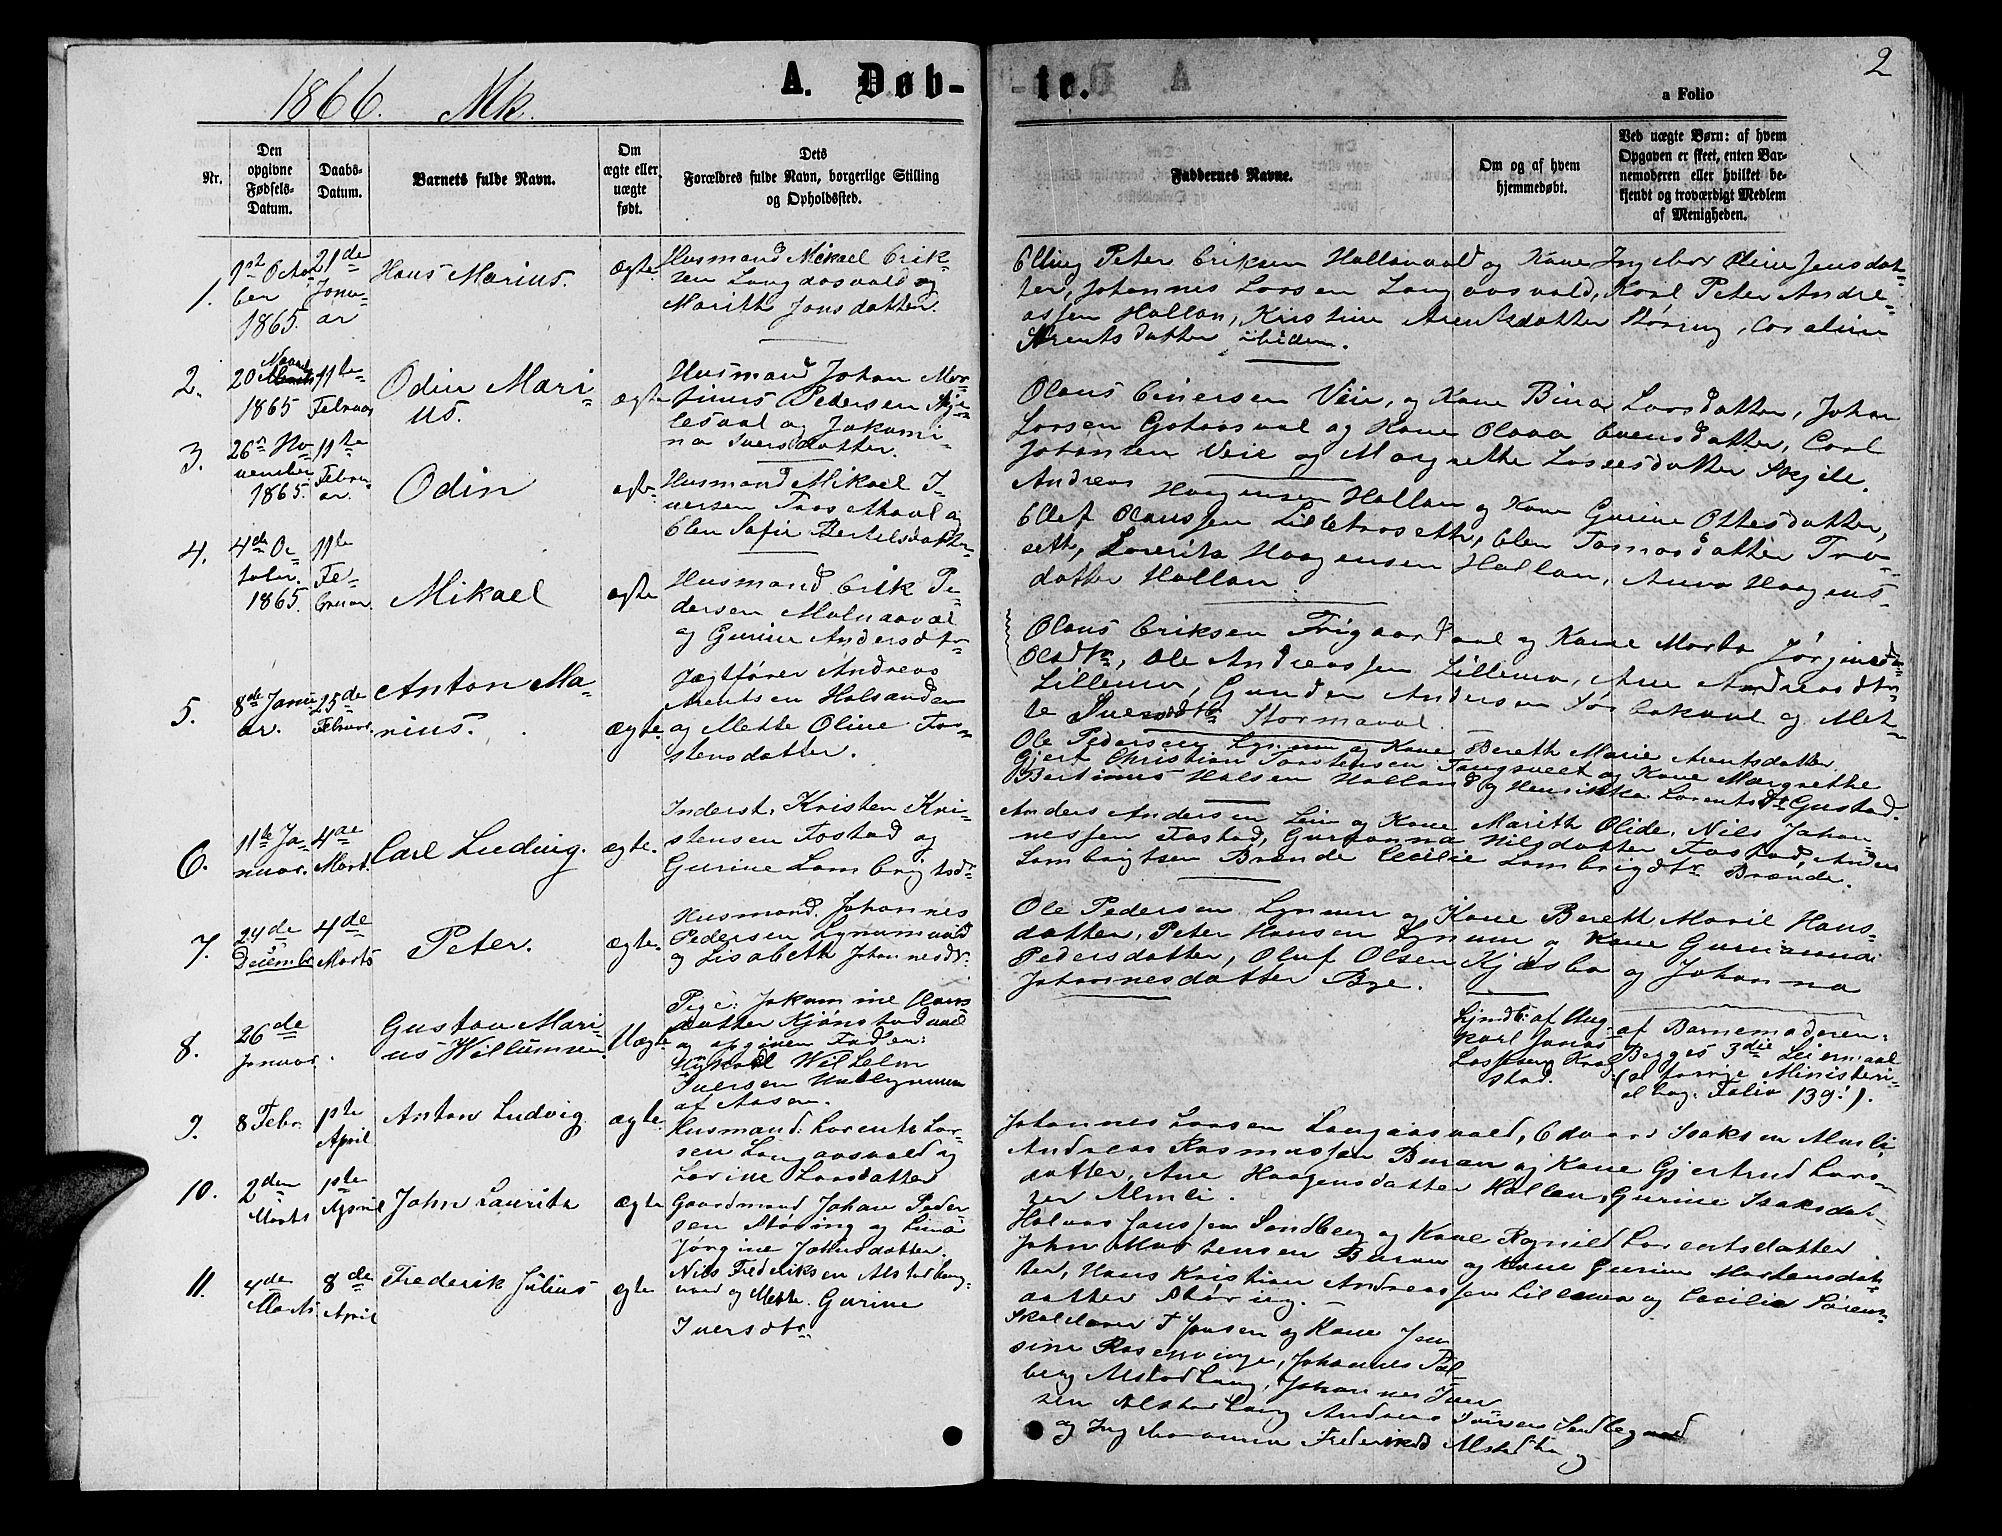 SAT, Ministerialprotokoller, klokkerbøker og fødselsregistre - Nord-Trøndelag, 717/L0170: Klokkerbok nr. 717C02, 1866-1866, s. 2